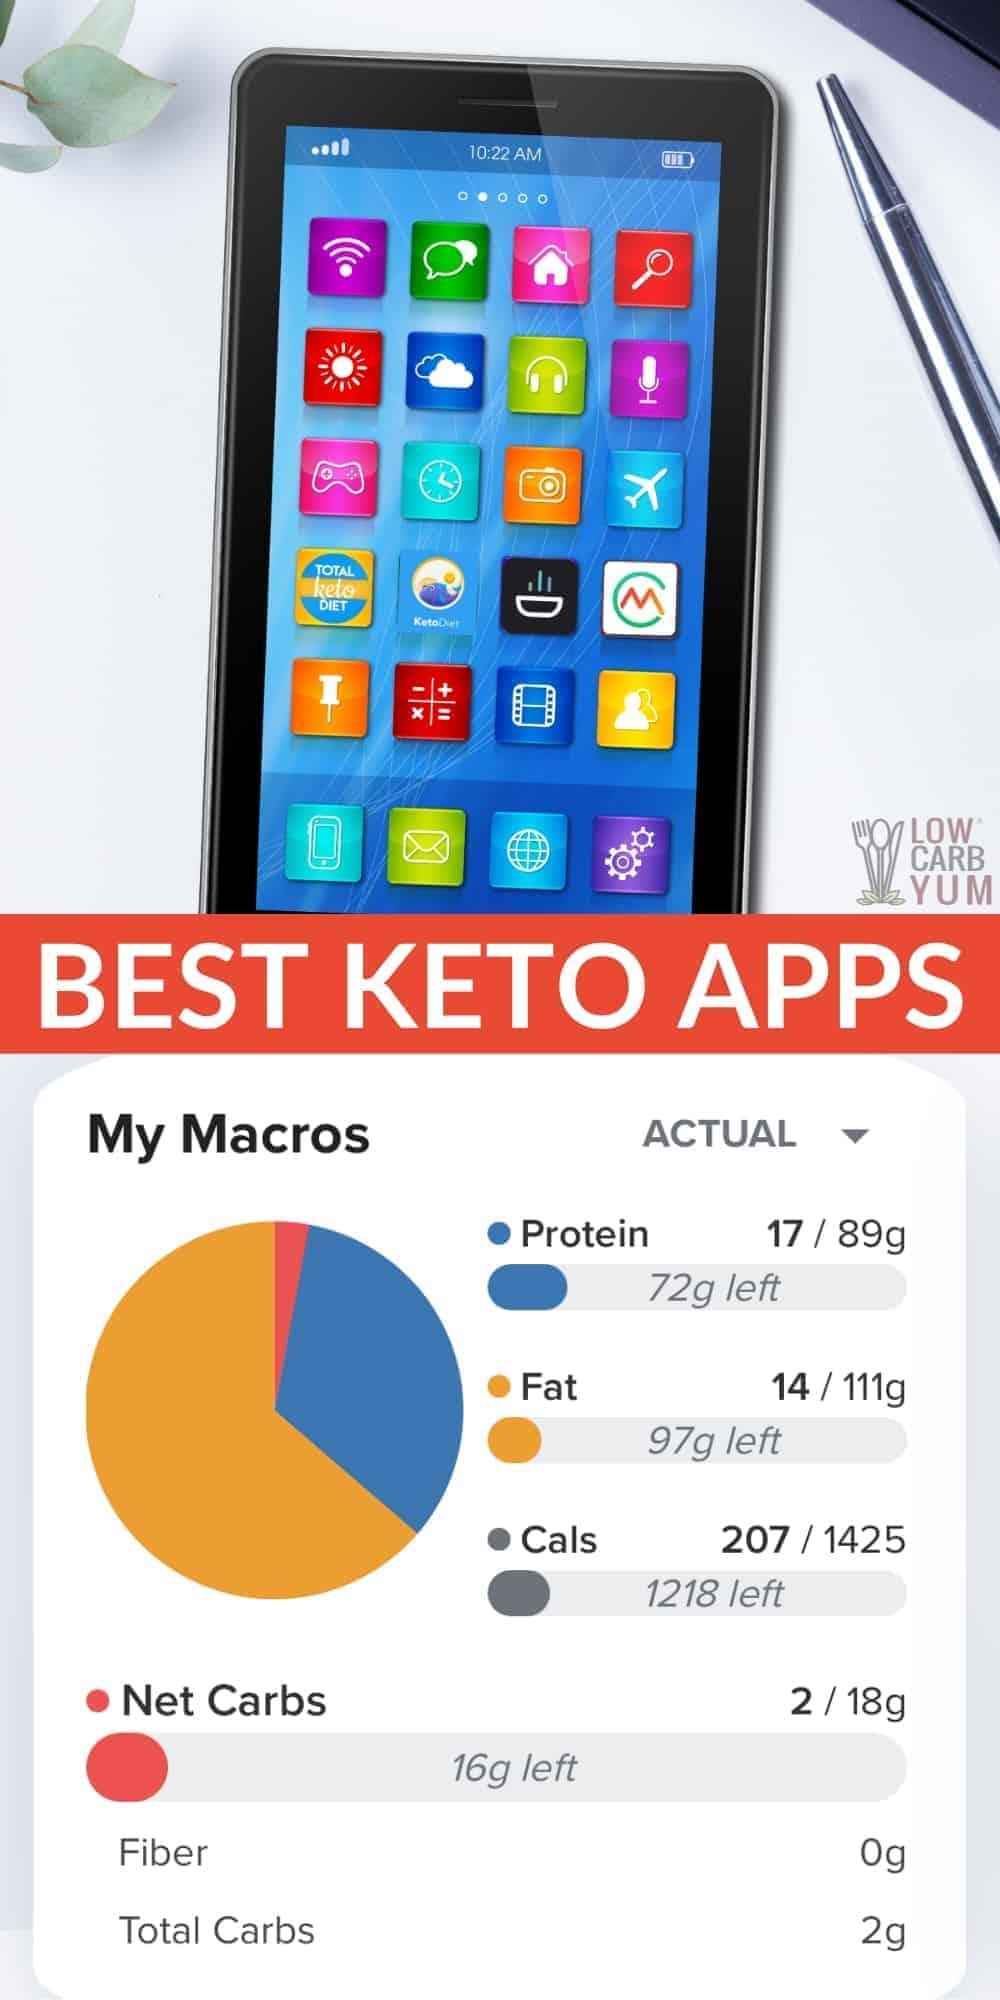 best keto apps pinterest image